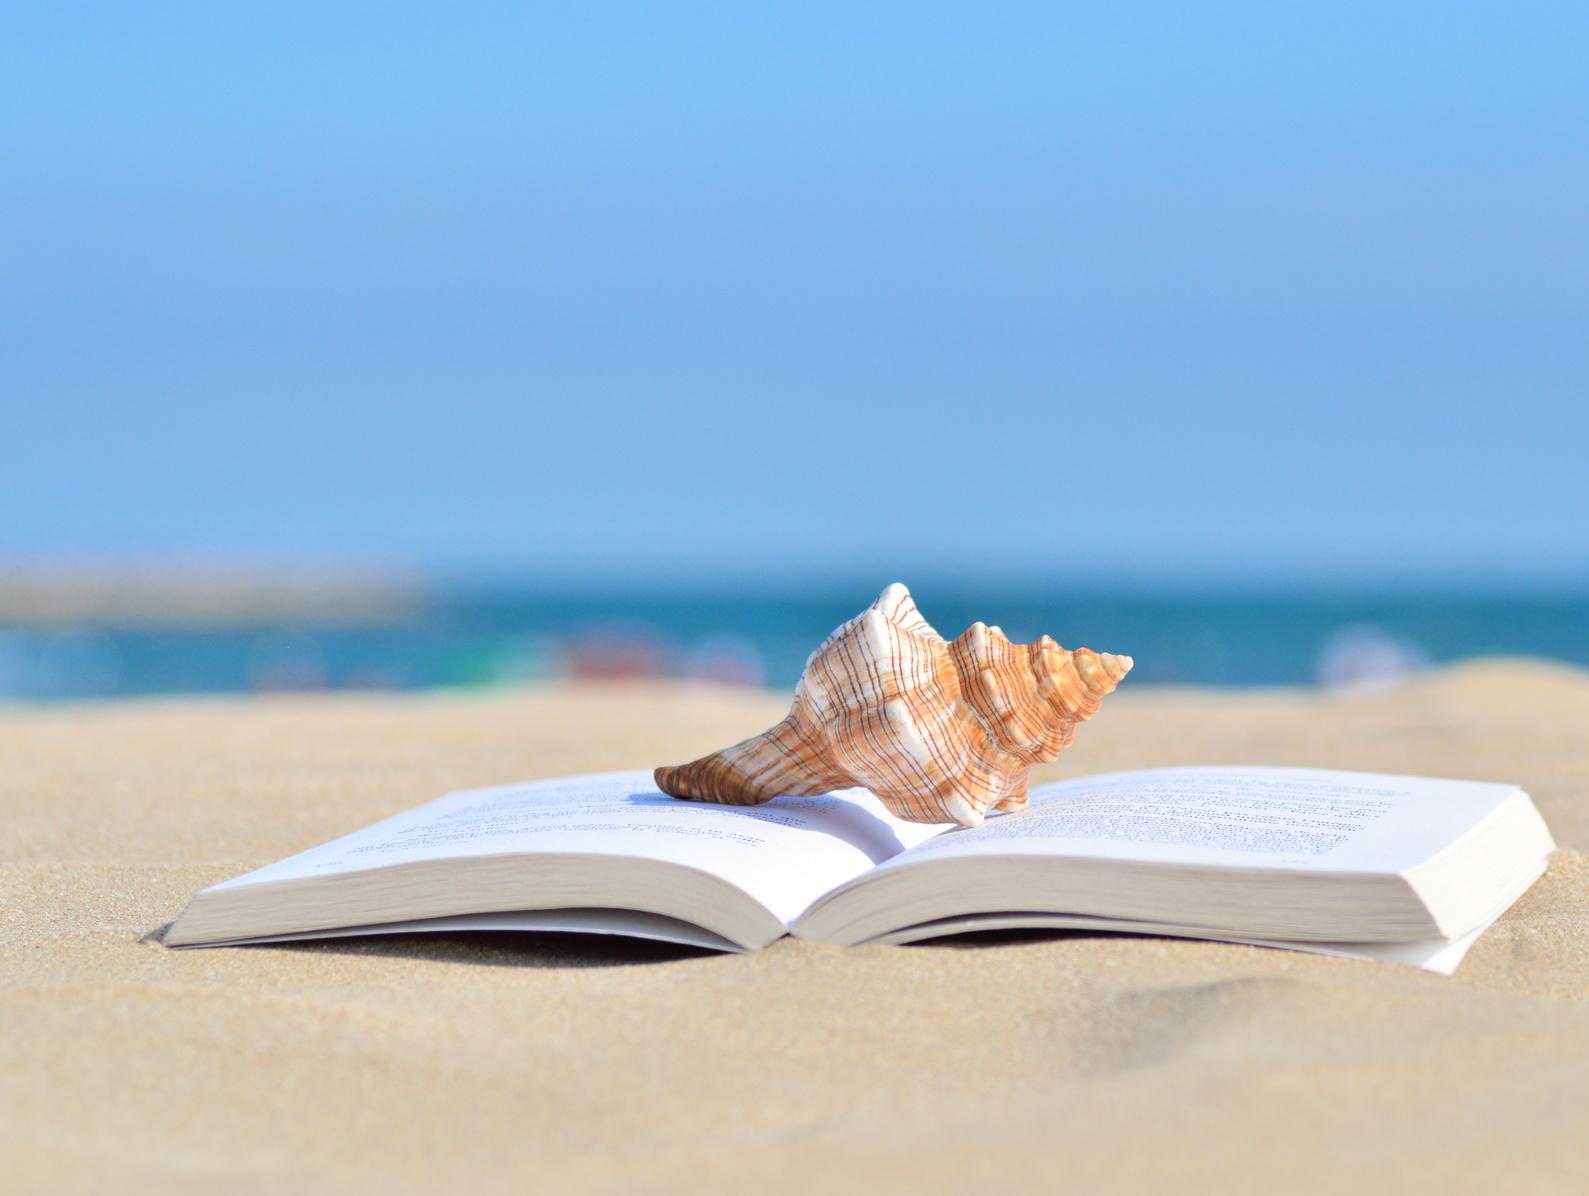 Livre pour l'été à la plage